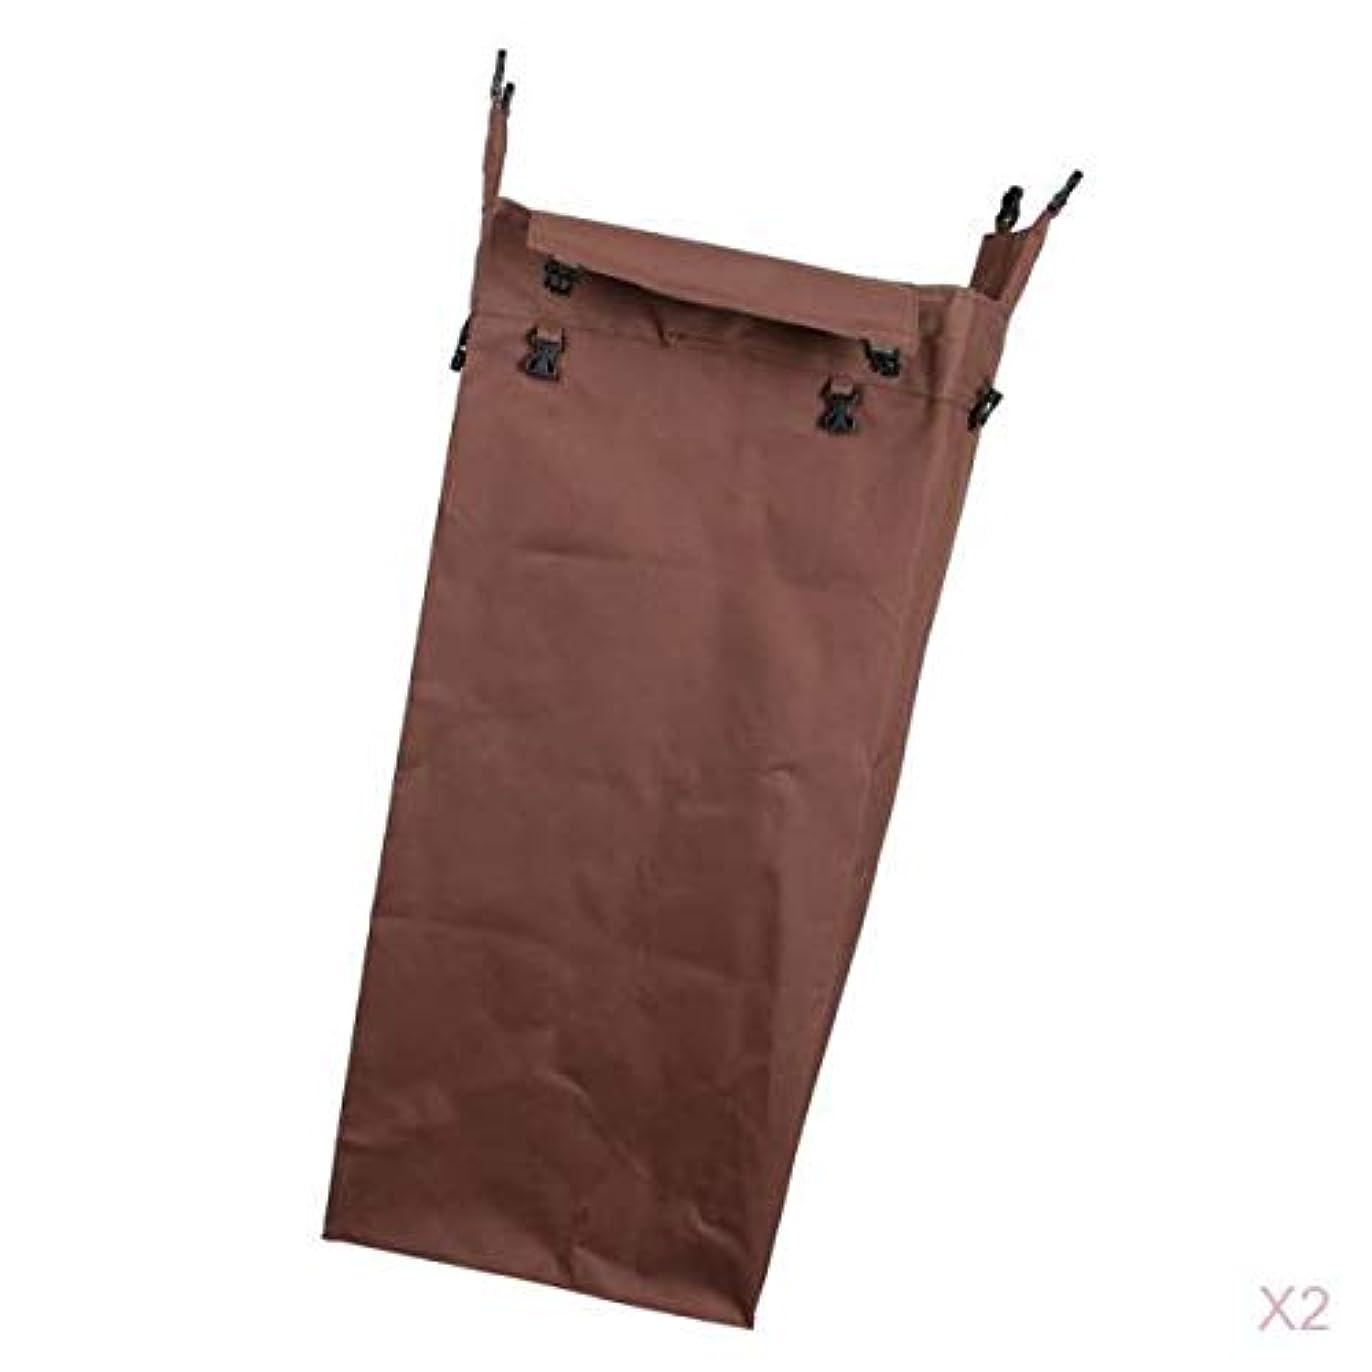 課税キャンバス発揮するKESOTO 交換バッグ 2個 清掃カート用 クリーニングカートバッグ 物資輸送 ゴミ回収